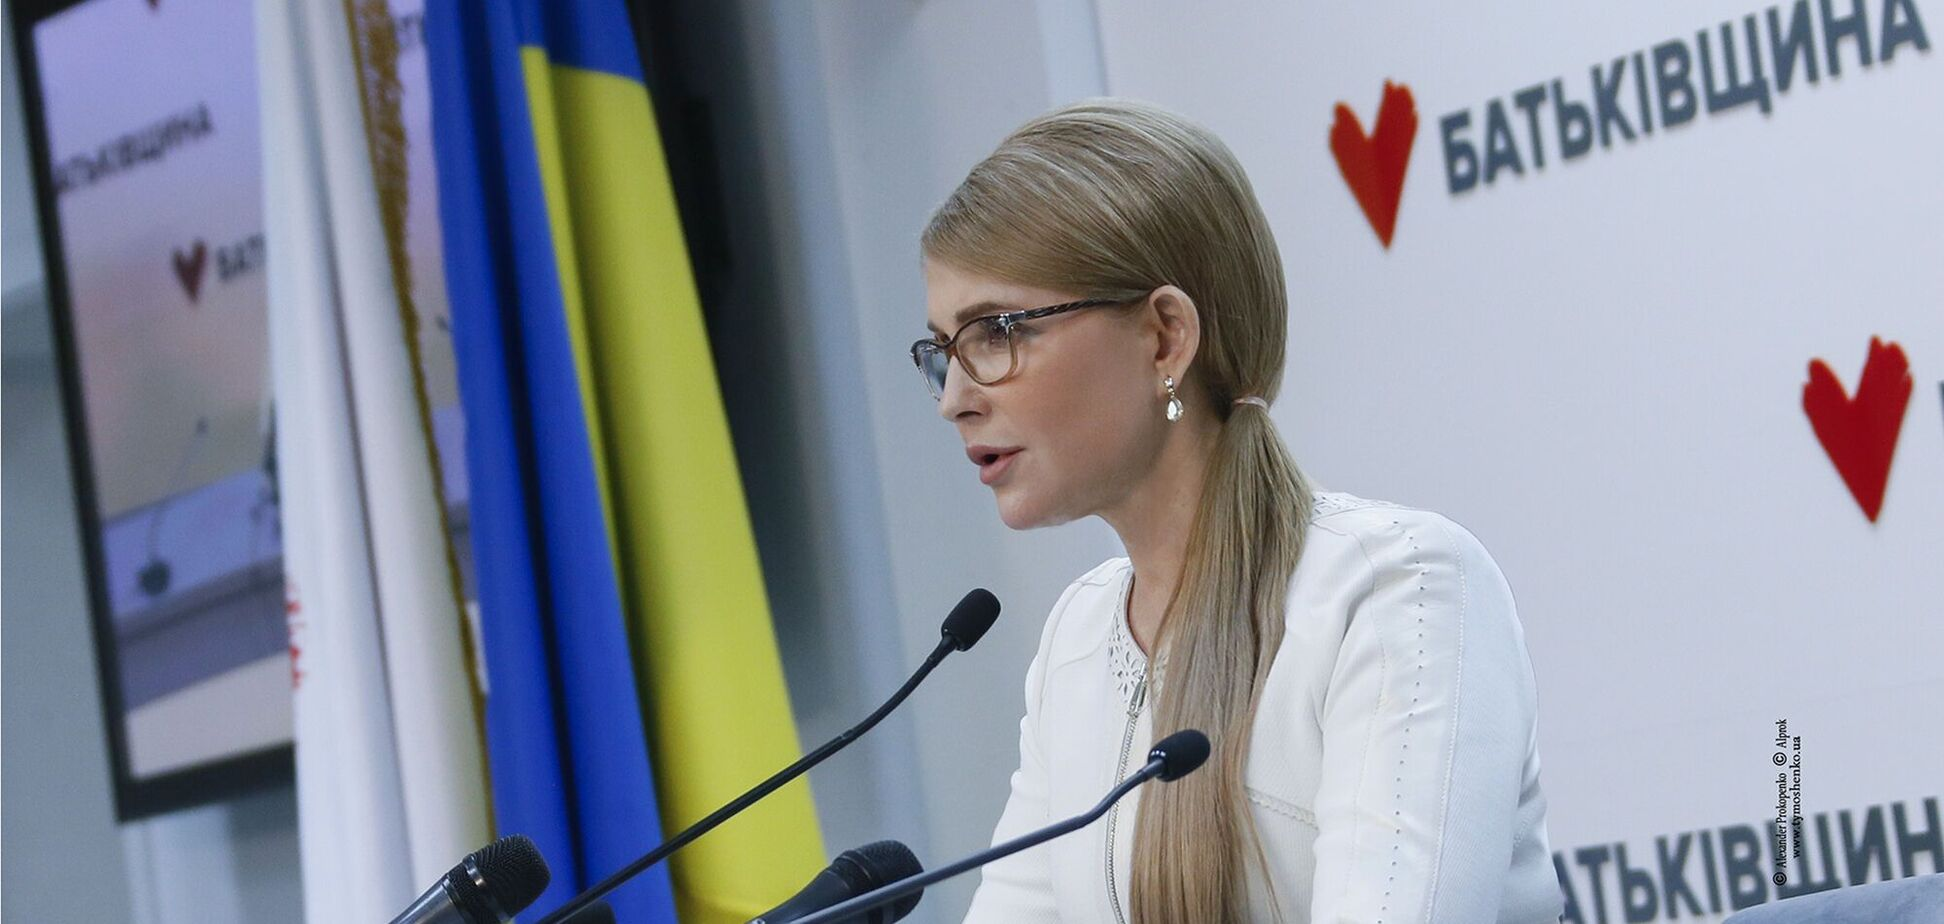 Из-за опроса Зеленского Украина может стать центром наркоторговли в Европе, – Тимошенко